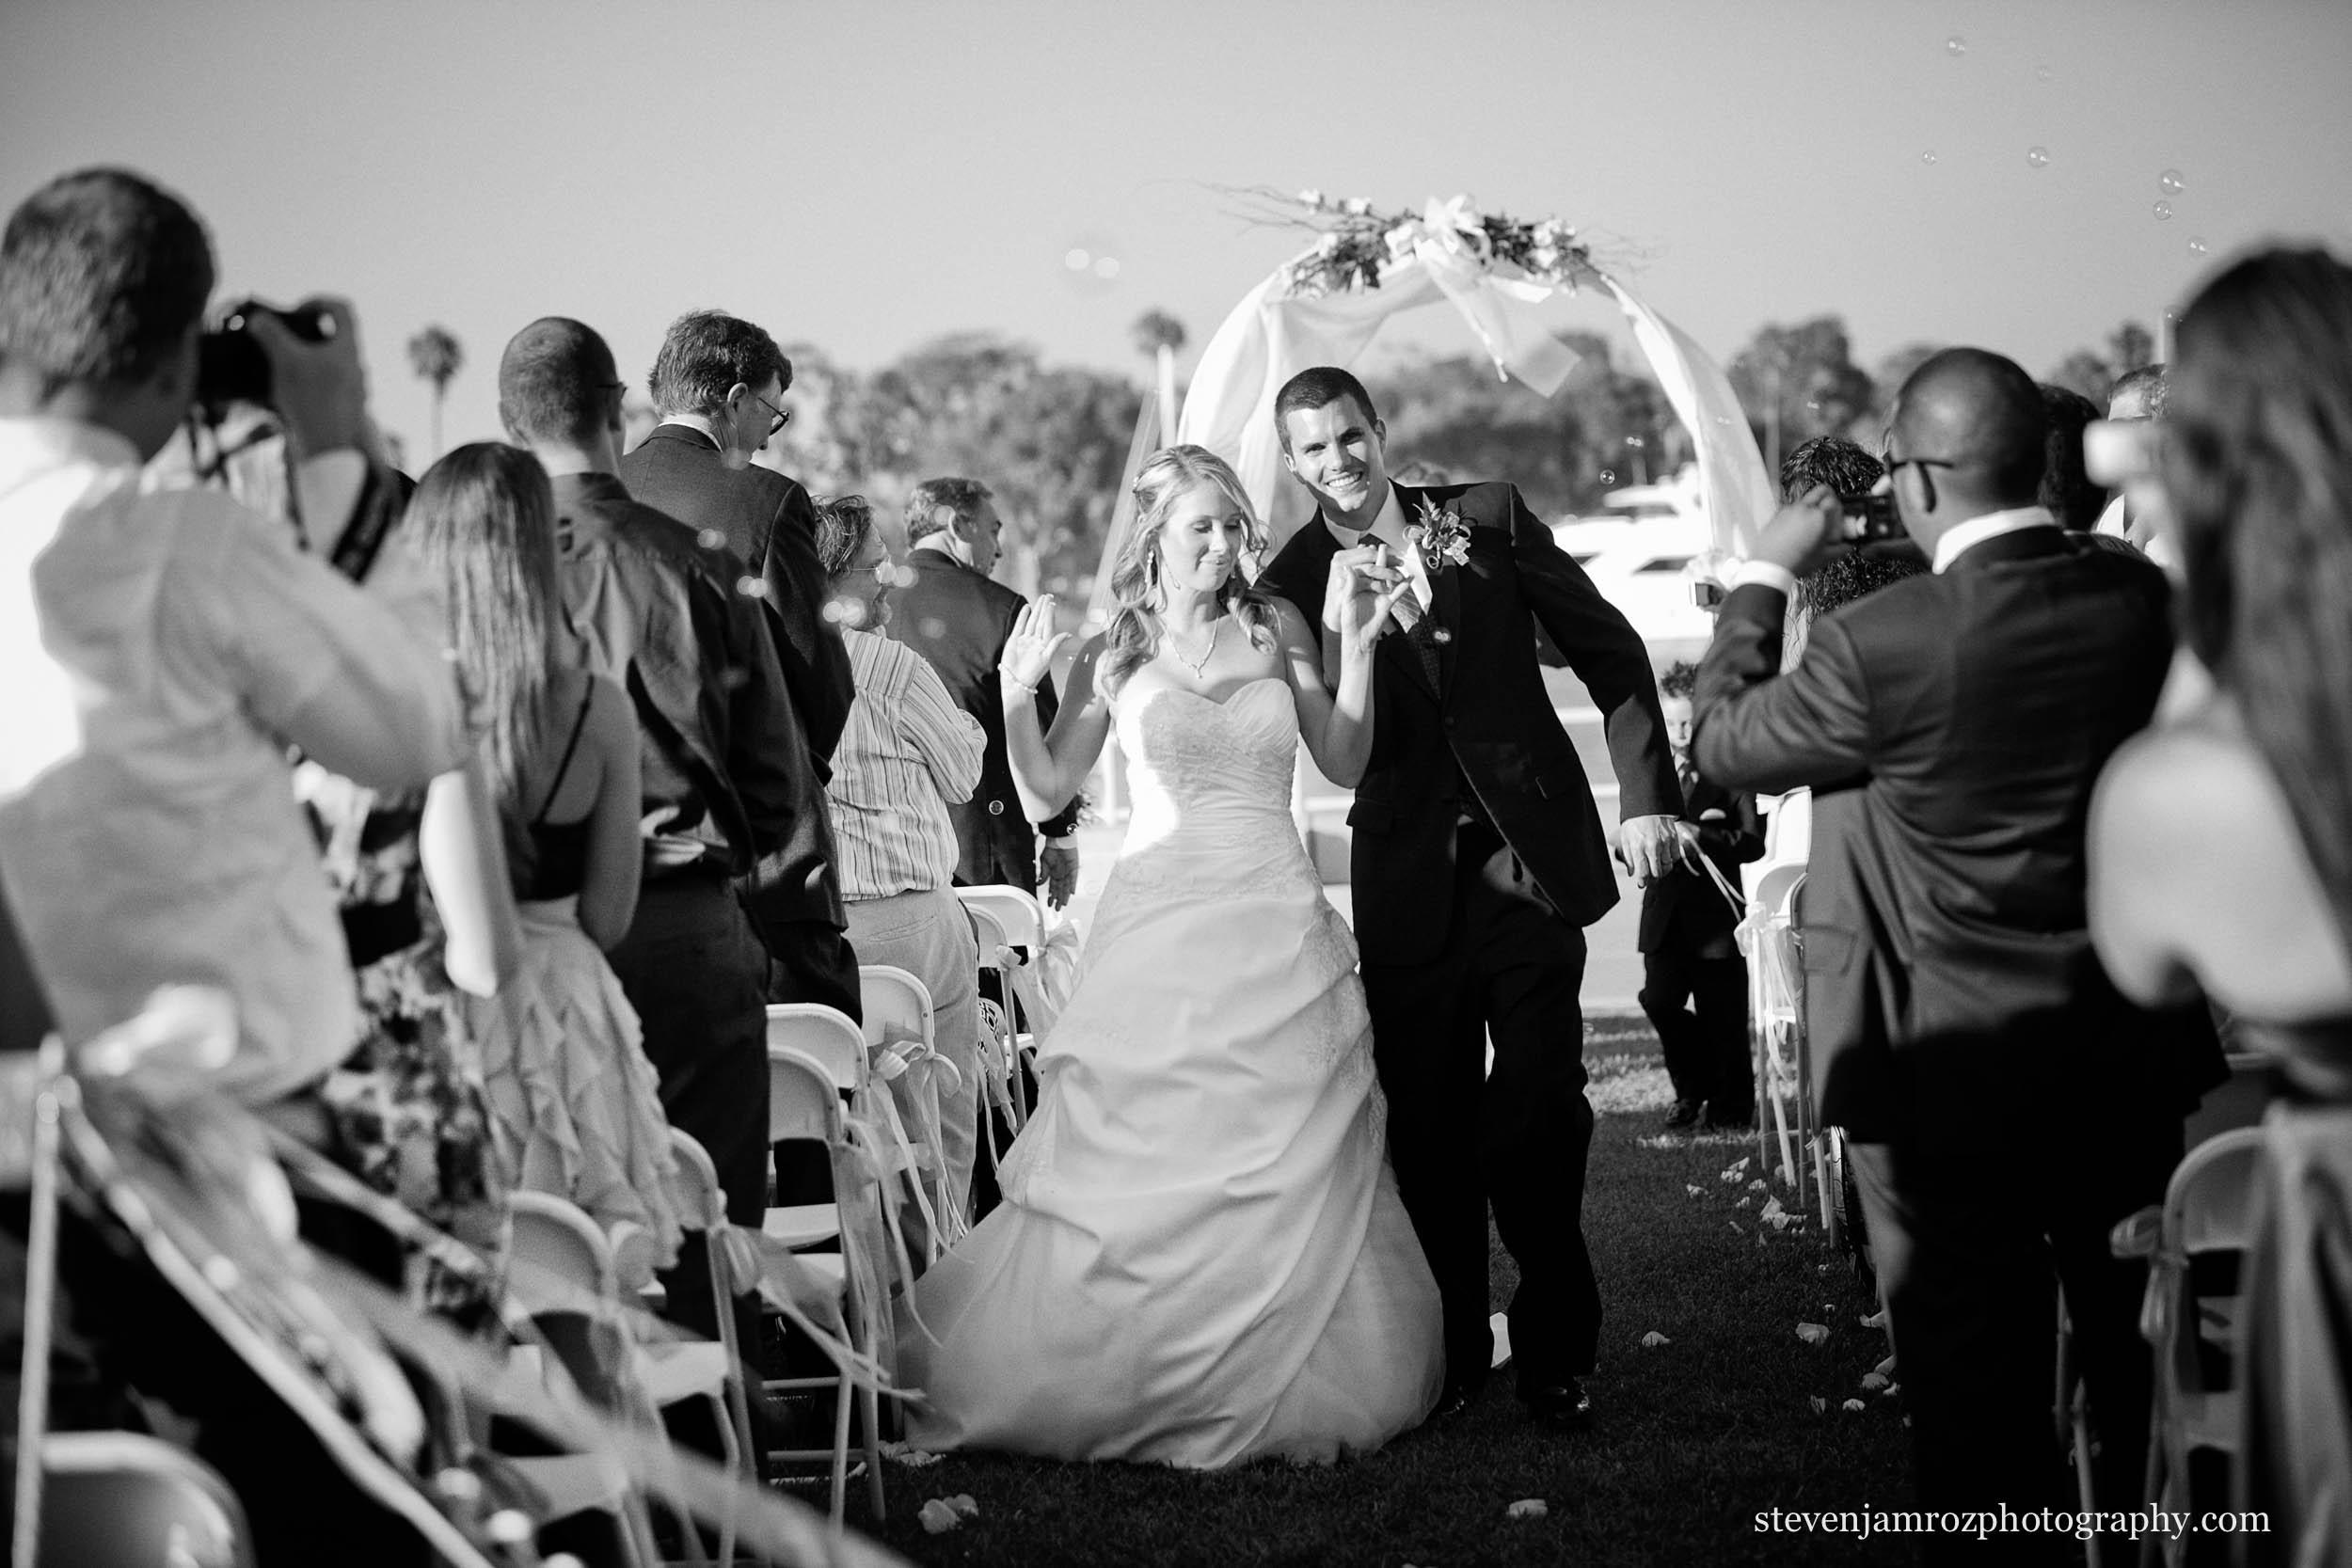 happy-couple-wedding-raleigh-steven-jamroz-photography-0280.jpg